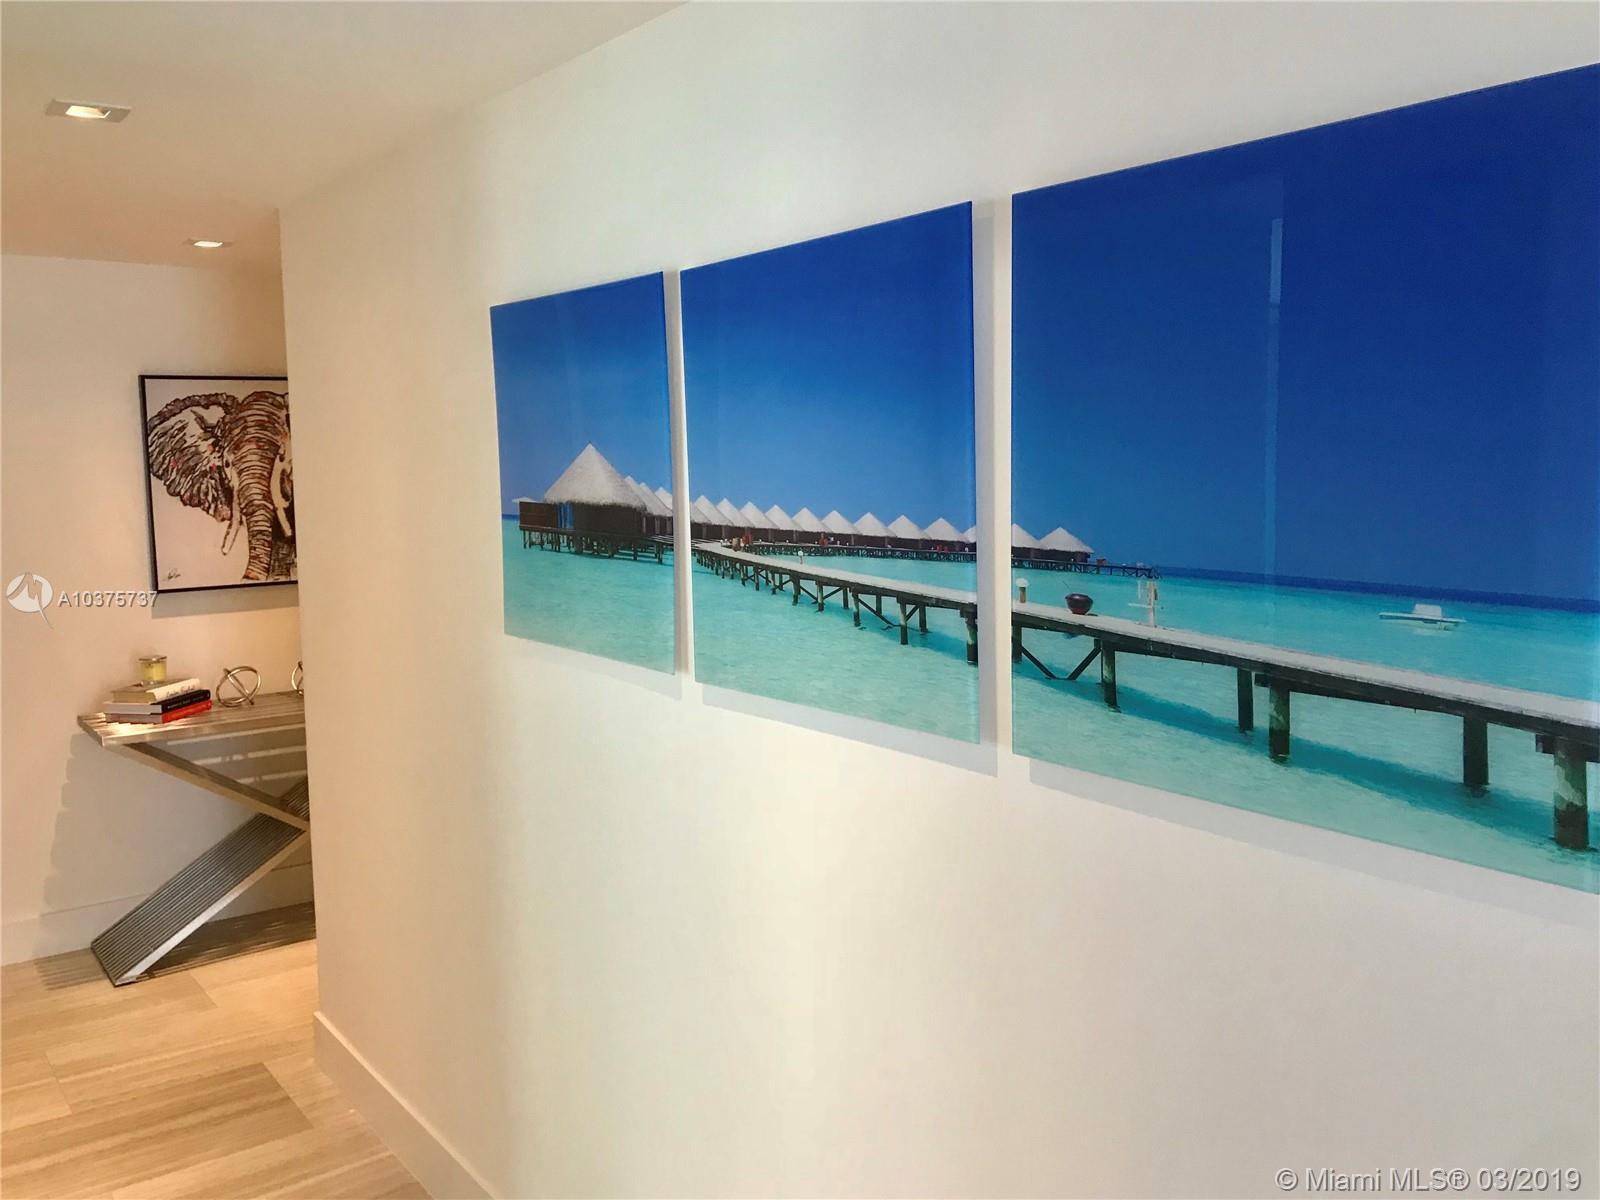 1451 Brickell Avenue, Miami, FL 33131, Echo Brickell #1003, Brickell, Miami A10375737 image #31